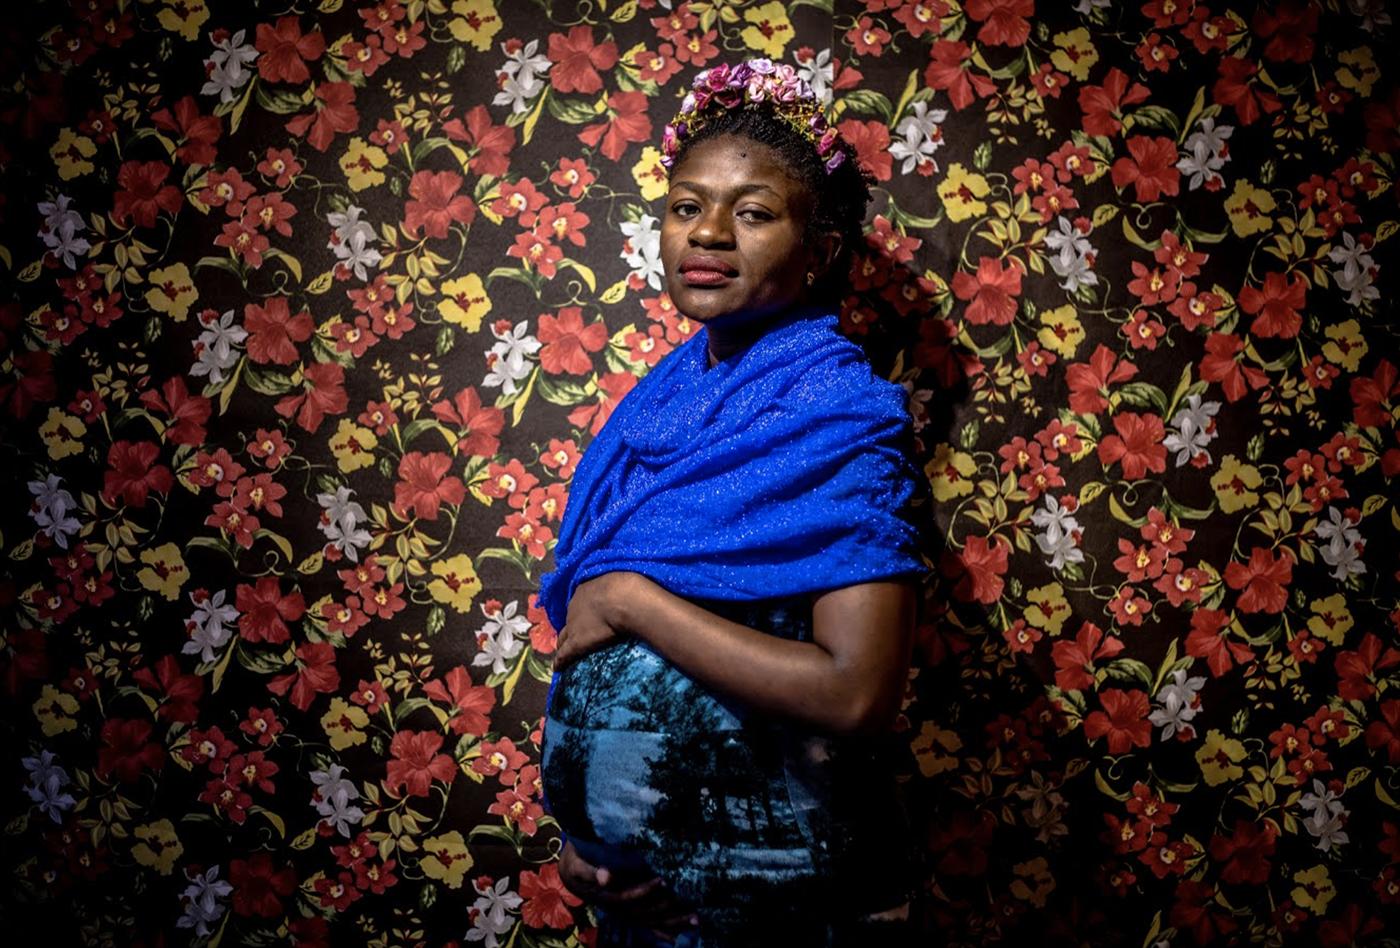 Faces of Frida: a digital retrospective on Google Arts & Culture